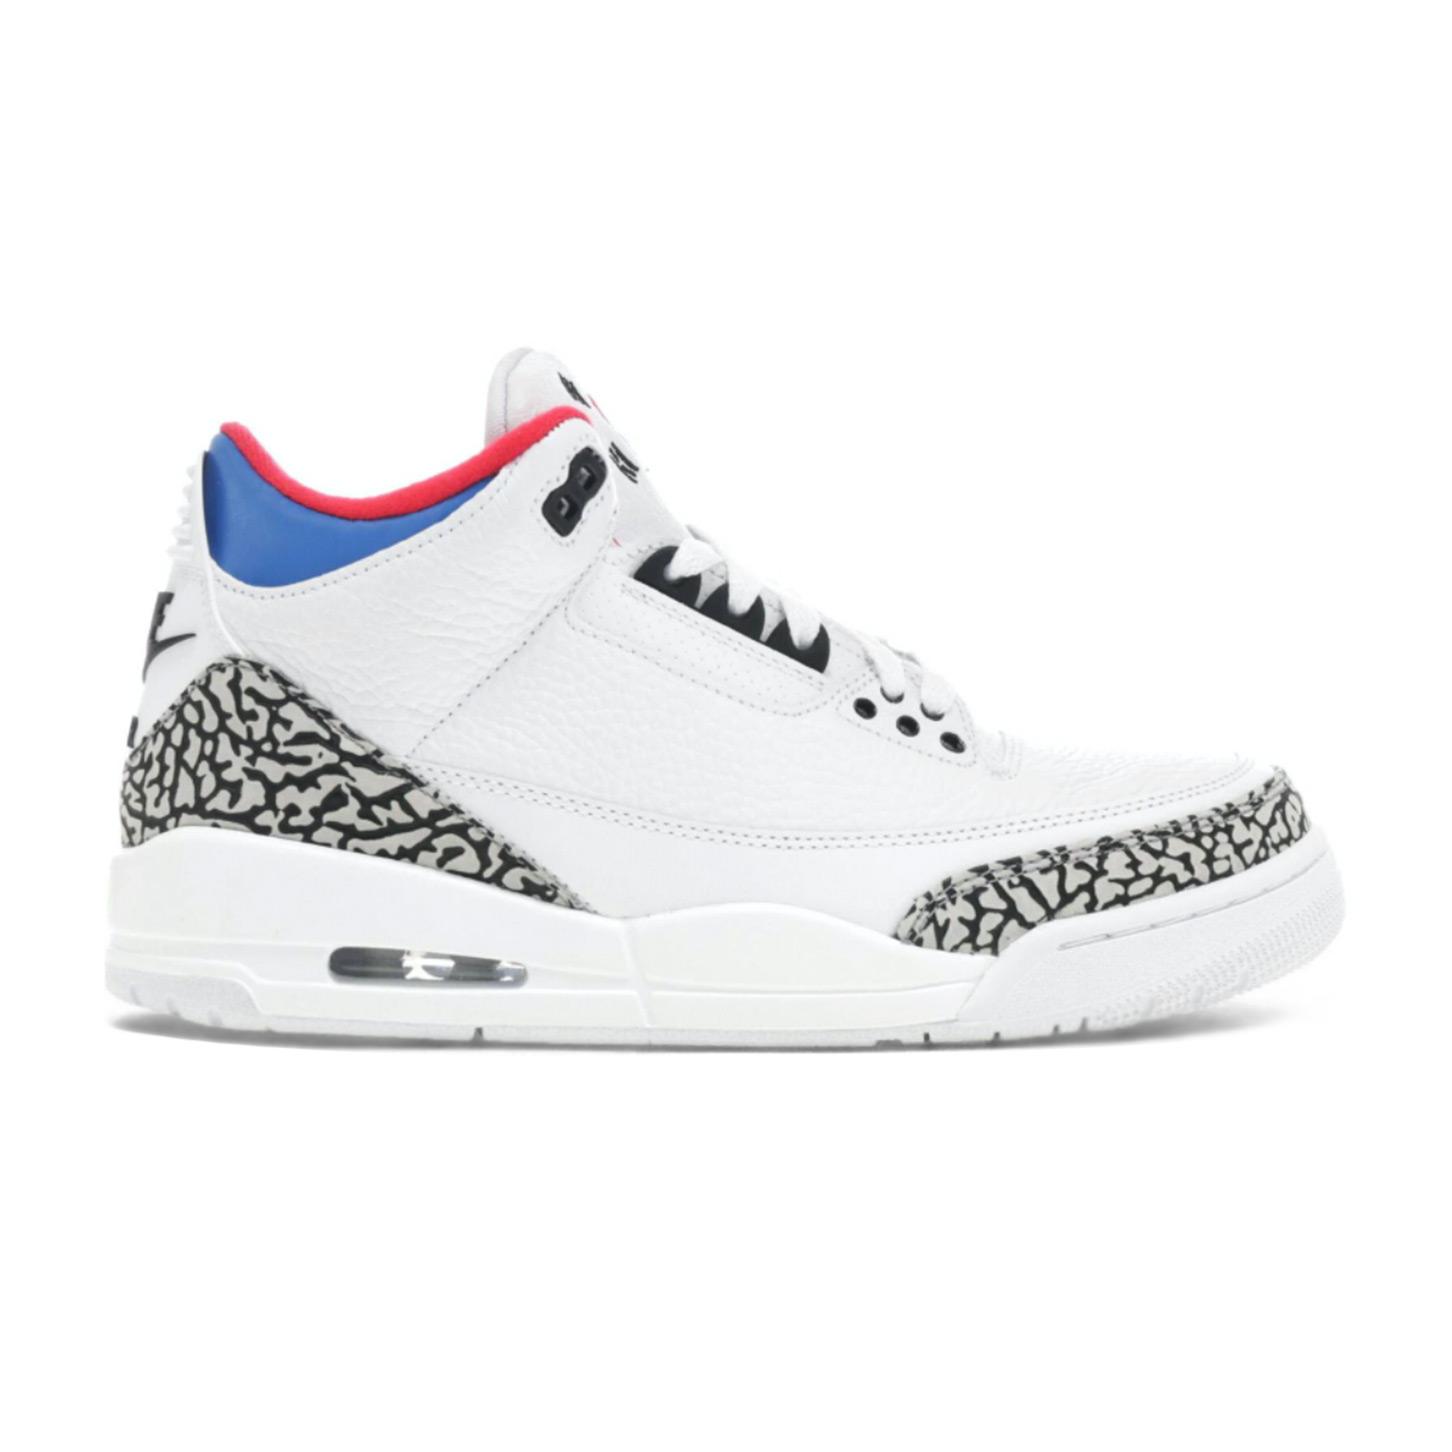 Jordan 3 Retro Seoul (W)